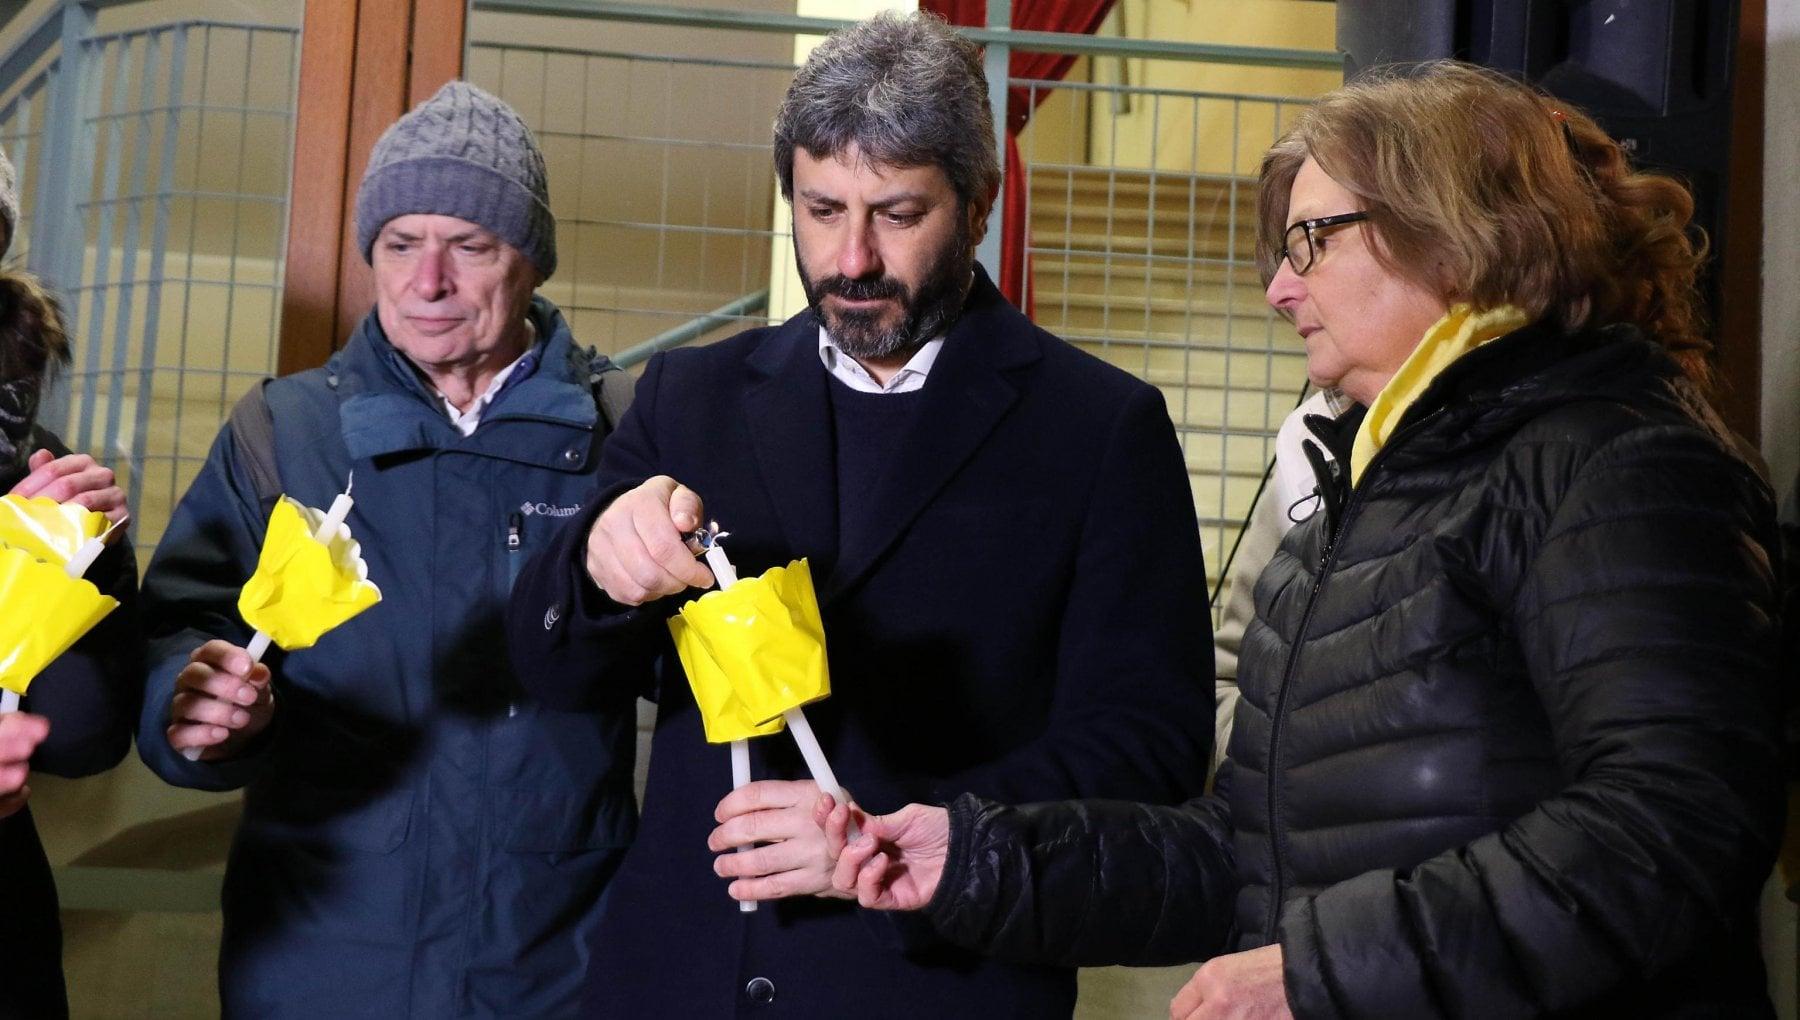 Caso Regeni Fico Da pm italiani accuse agghiaccianti chiudere relazioni diplomatiche con lEgitto